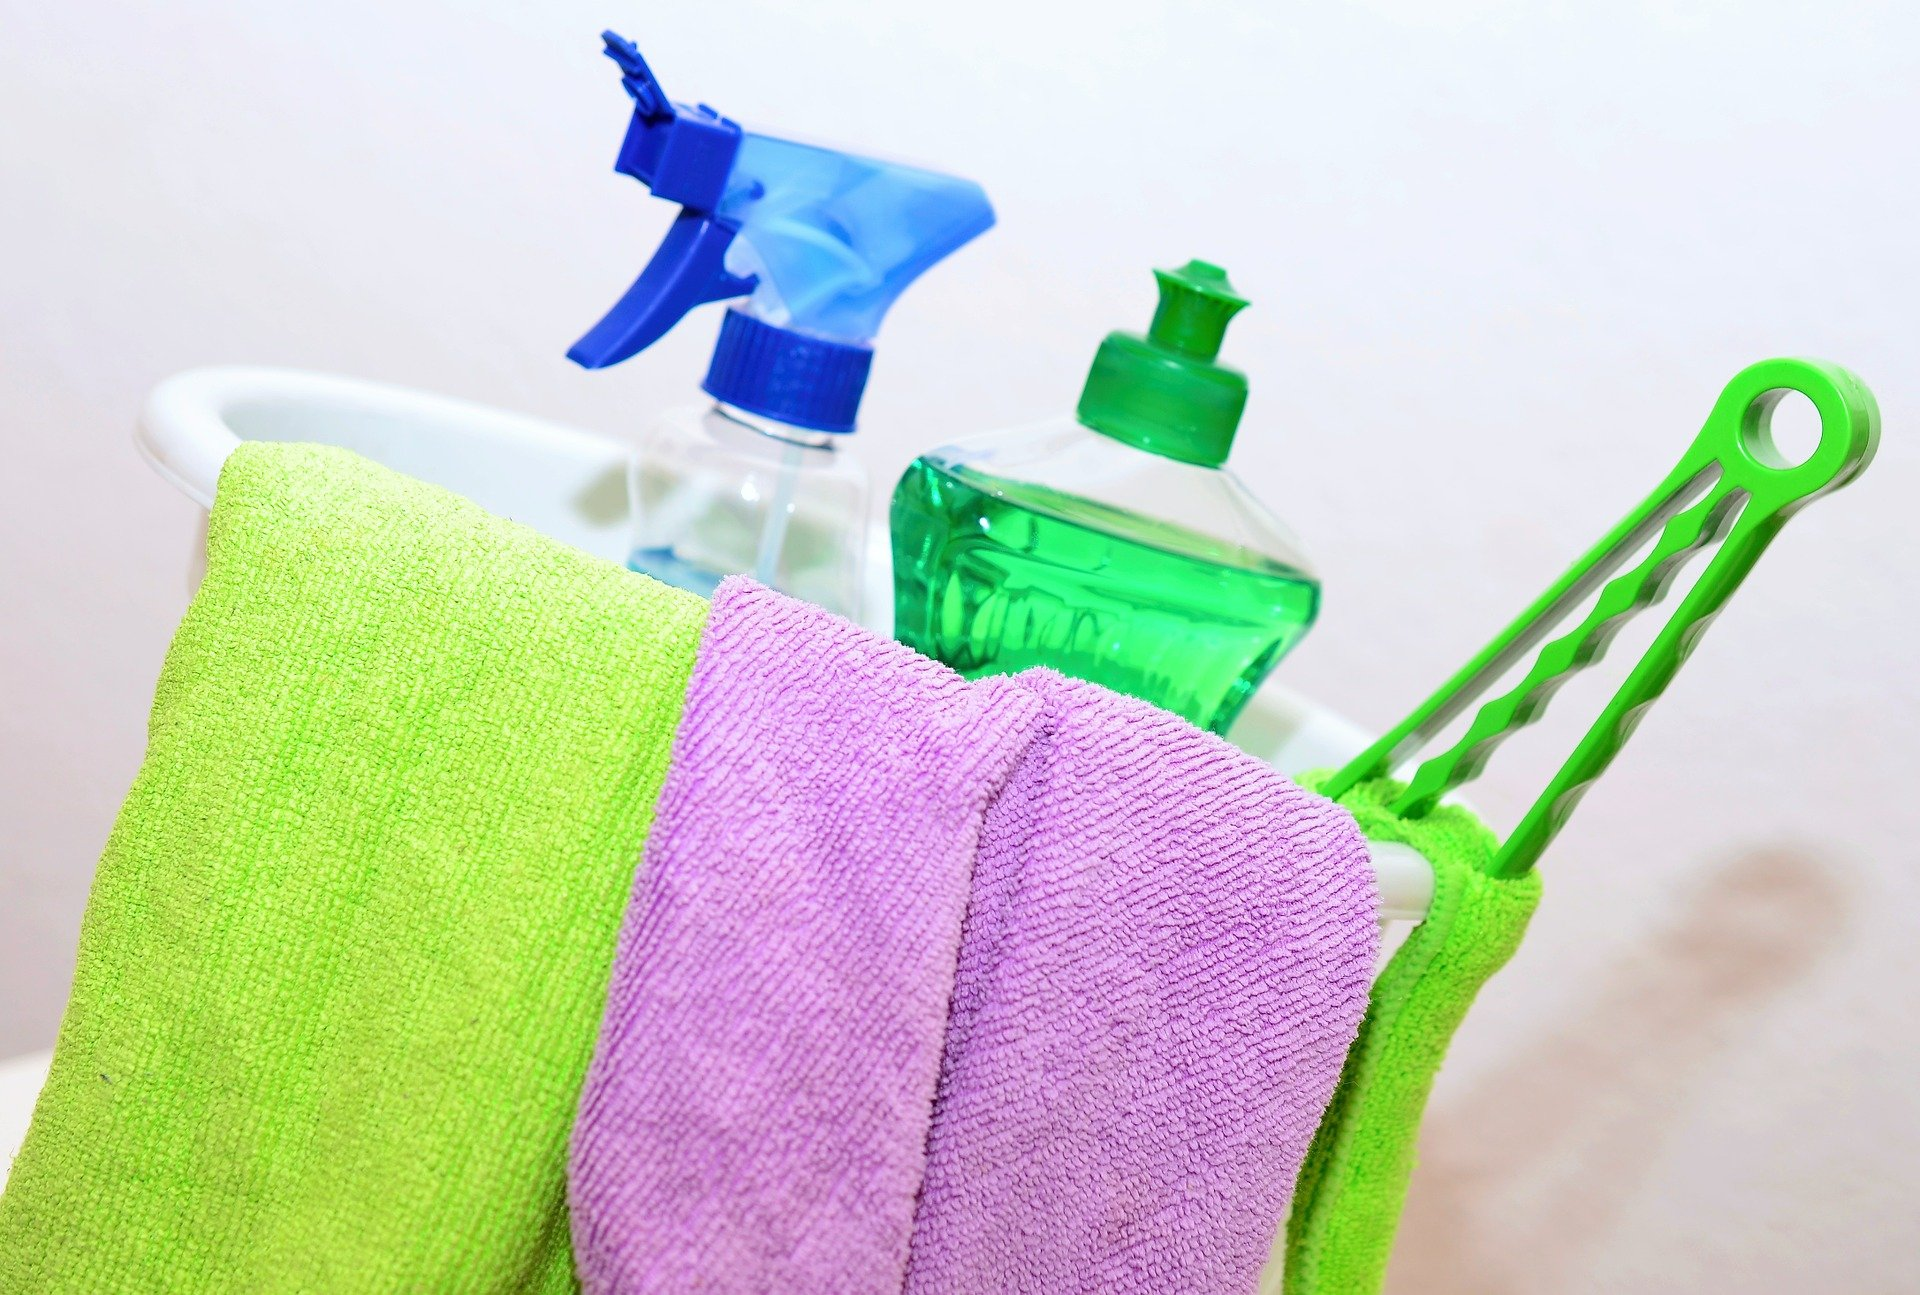 Reinigungsknete anstatt Putzmittel